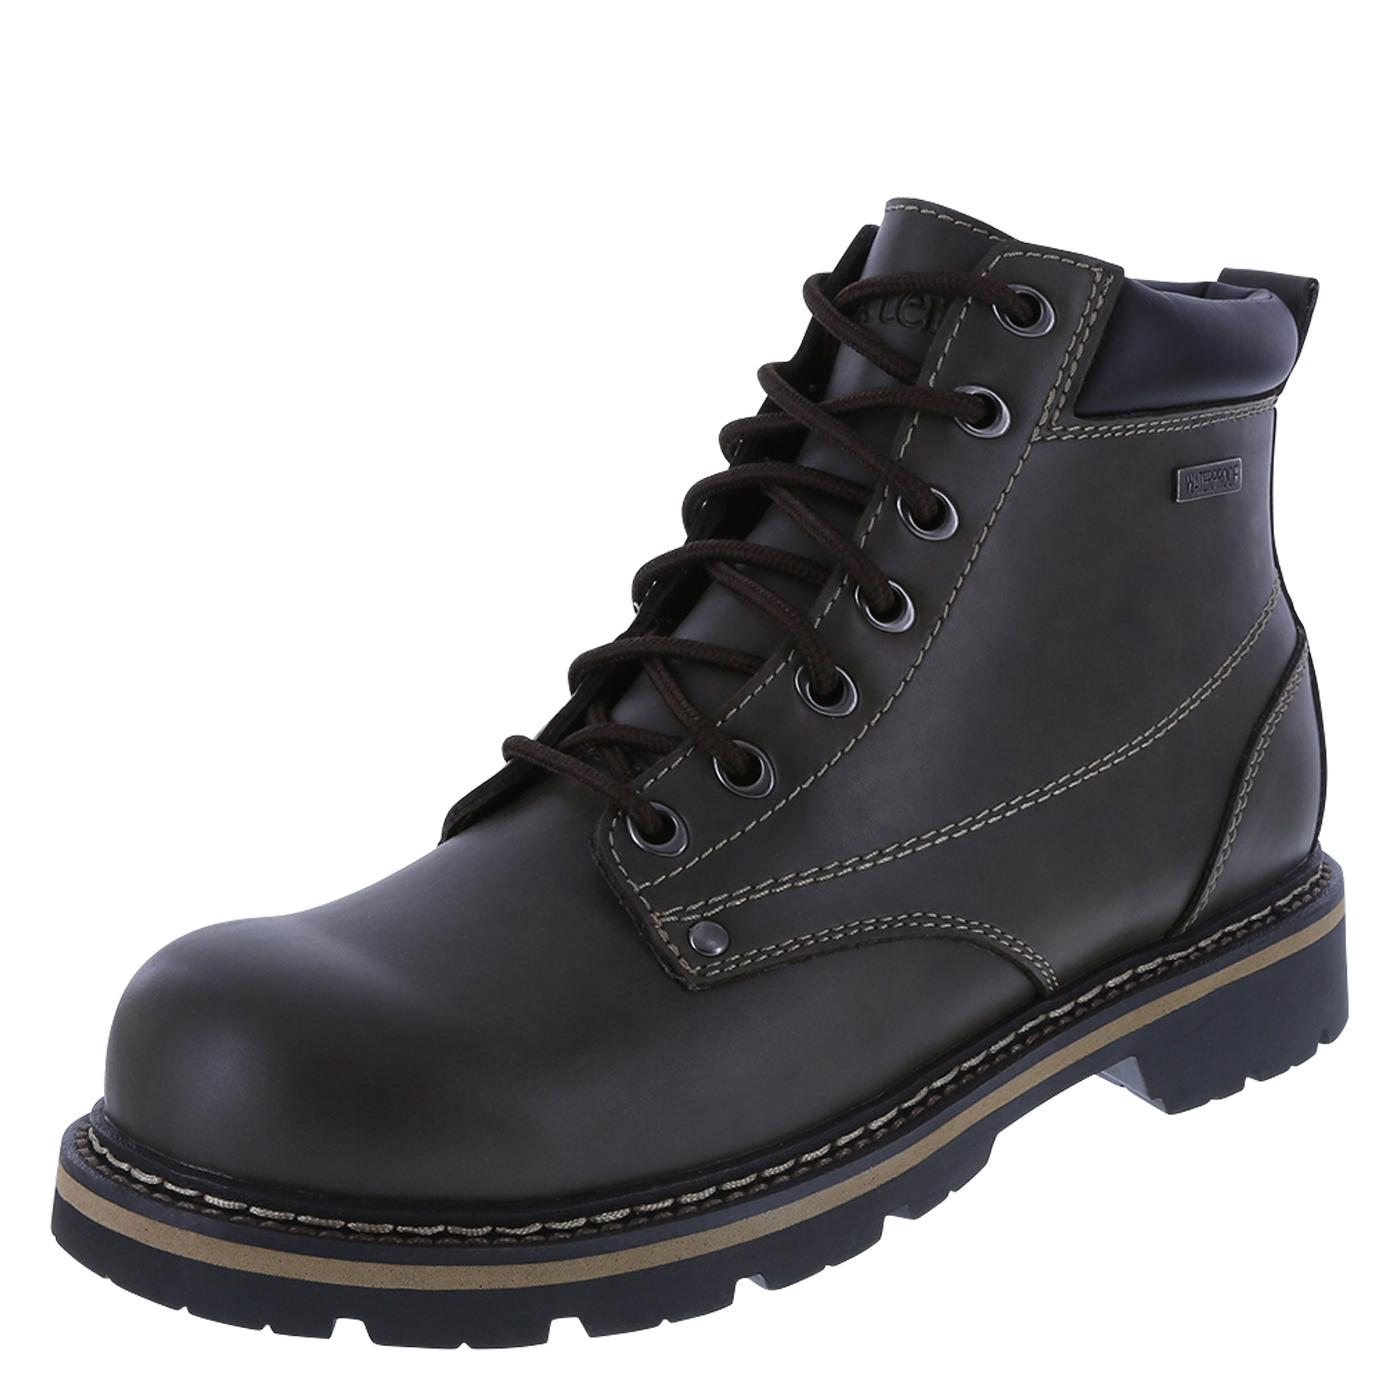 waterproof boots menu0027s ranier waterproof bootmenu0027s ranier waterproof boot, brown zuouwcr